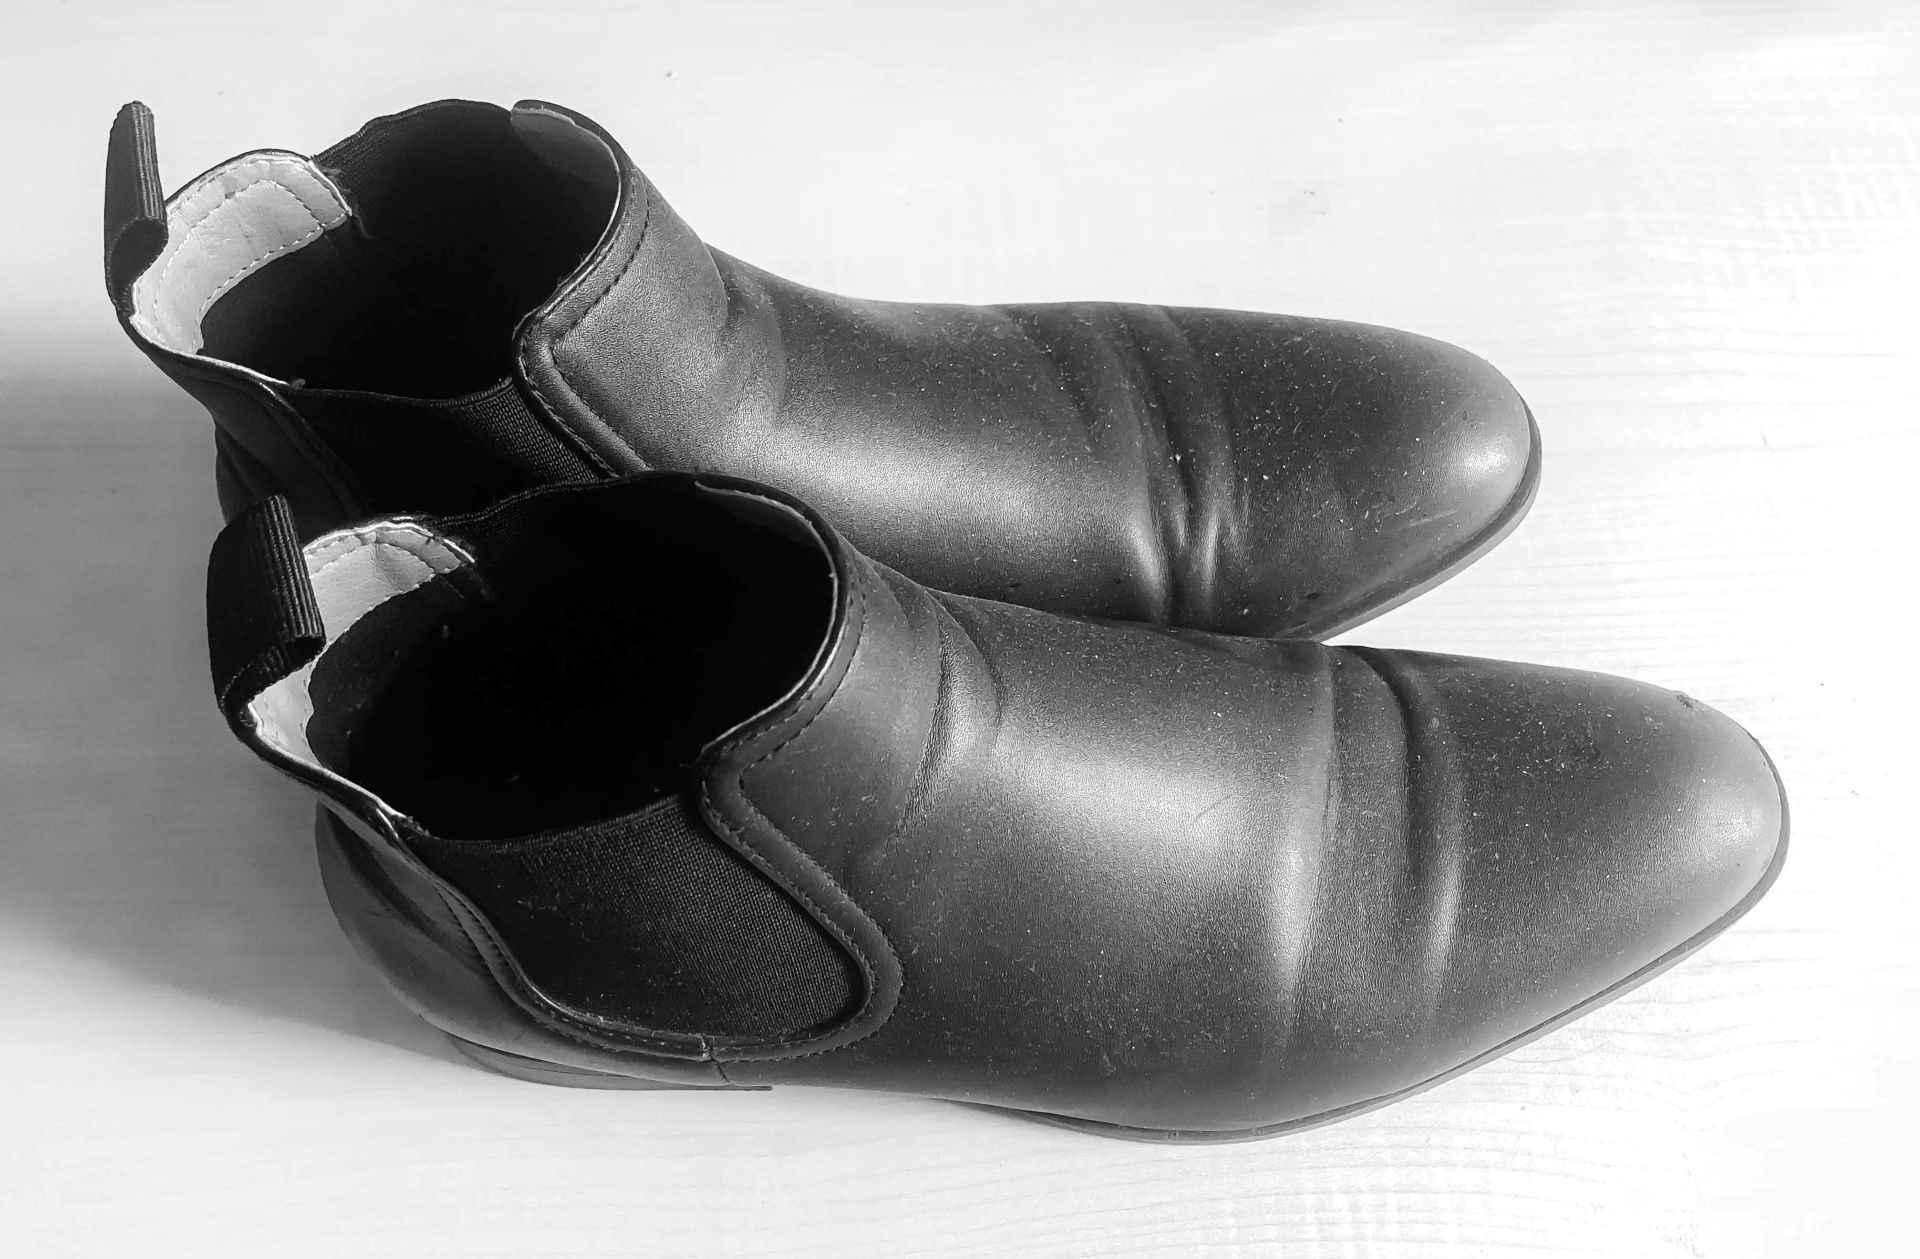 botos